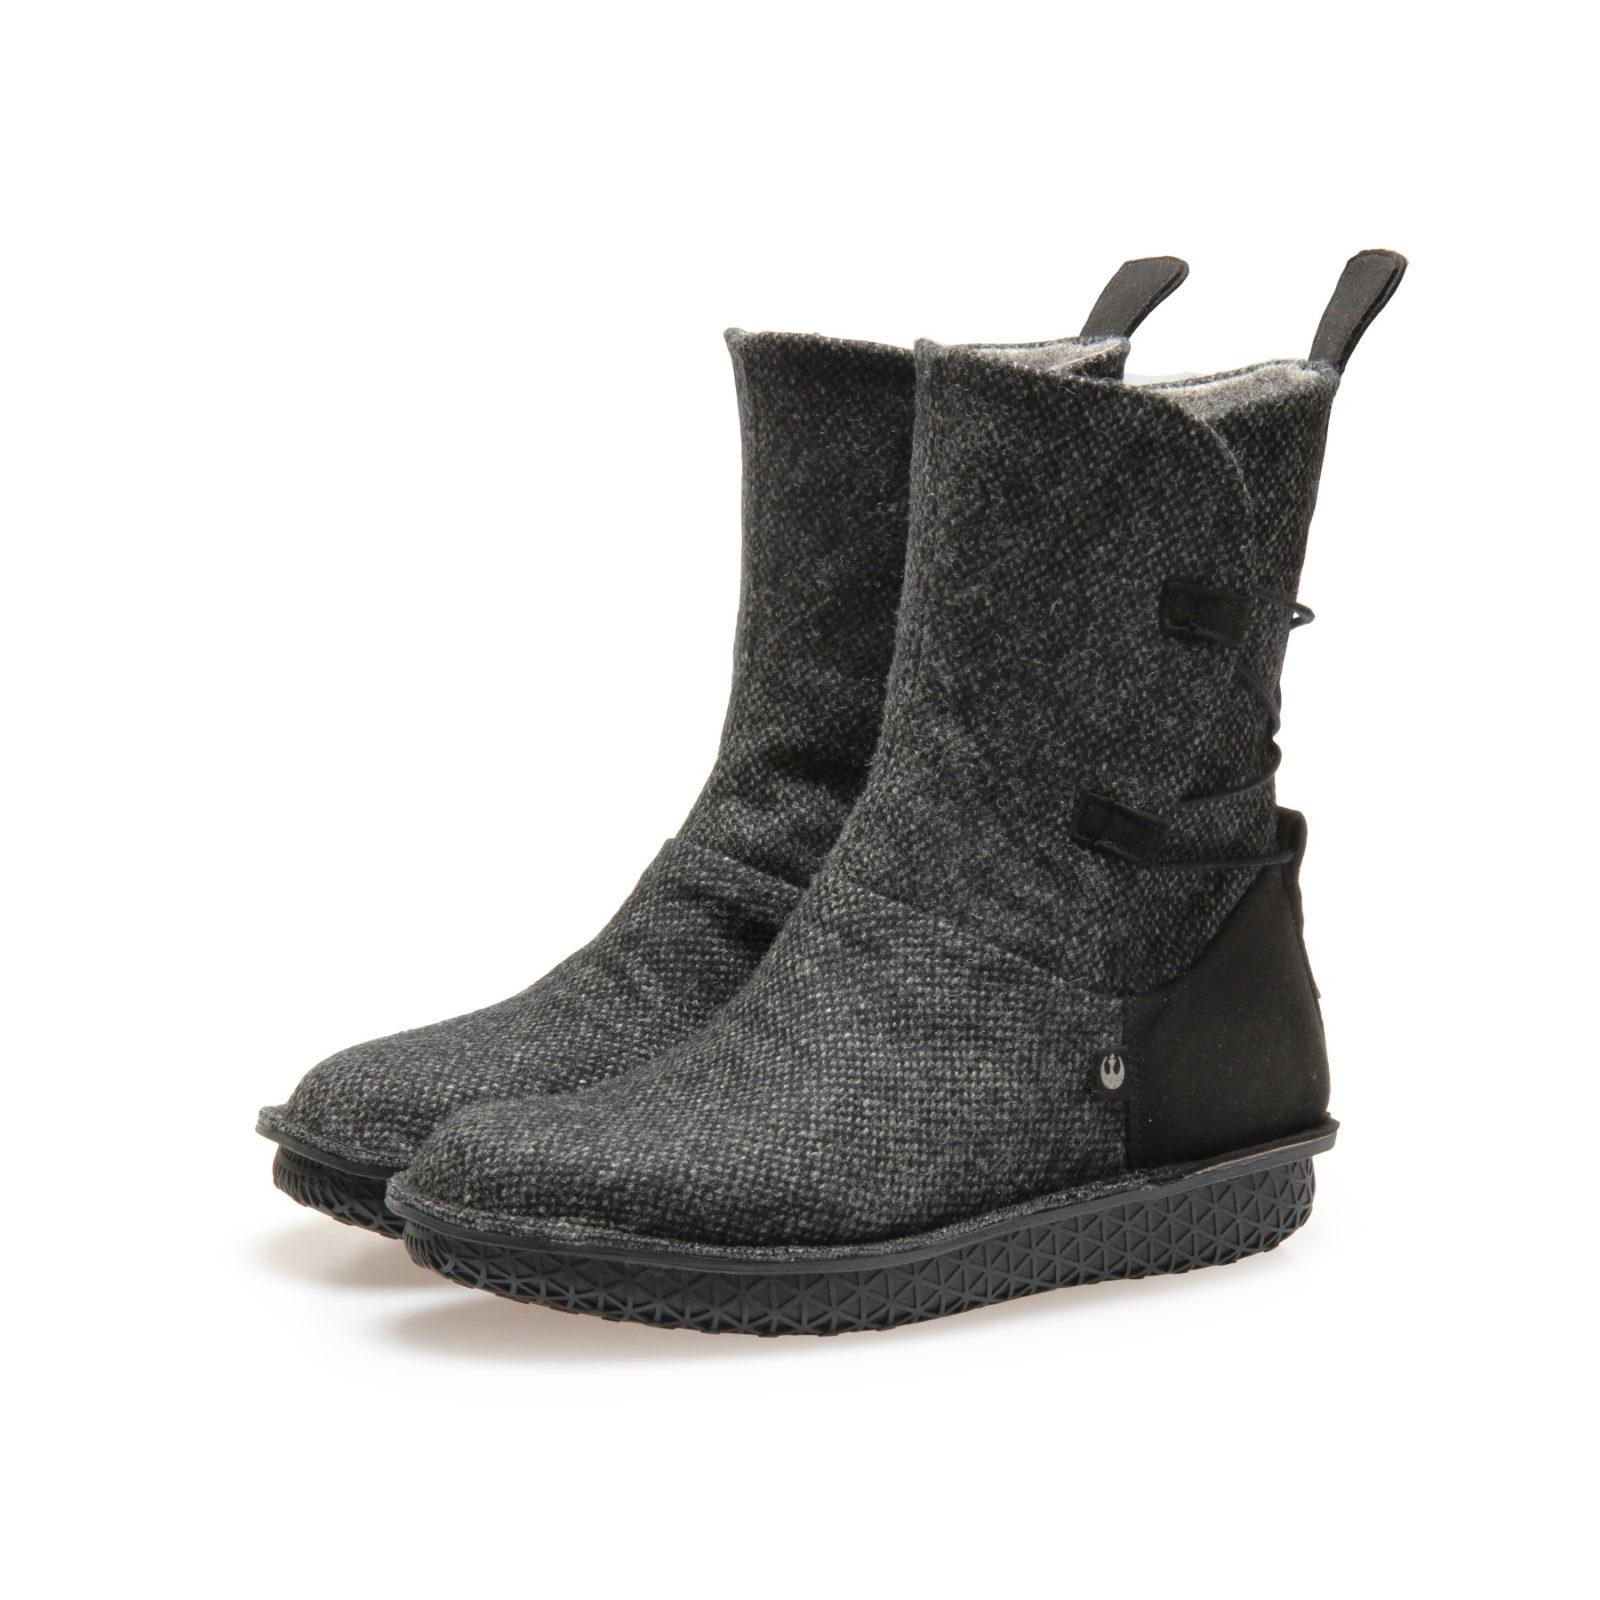 Po-Zu x Star Wars Rey Black Tweed Boots